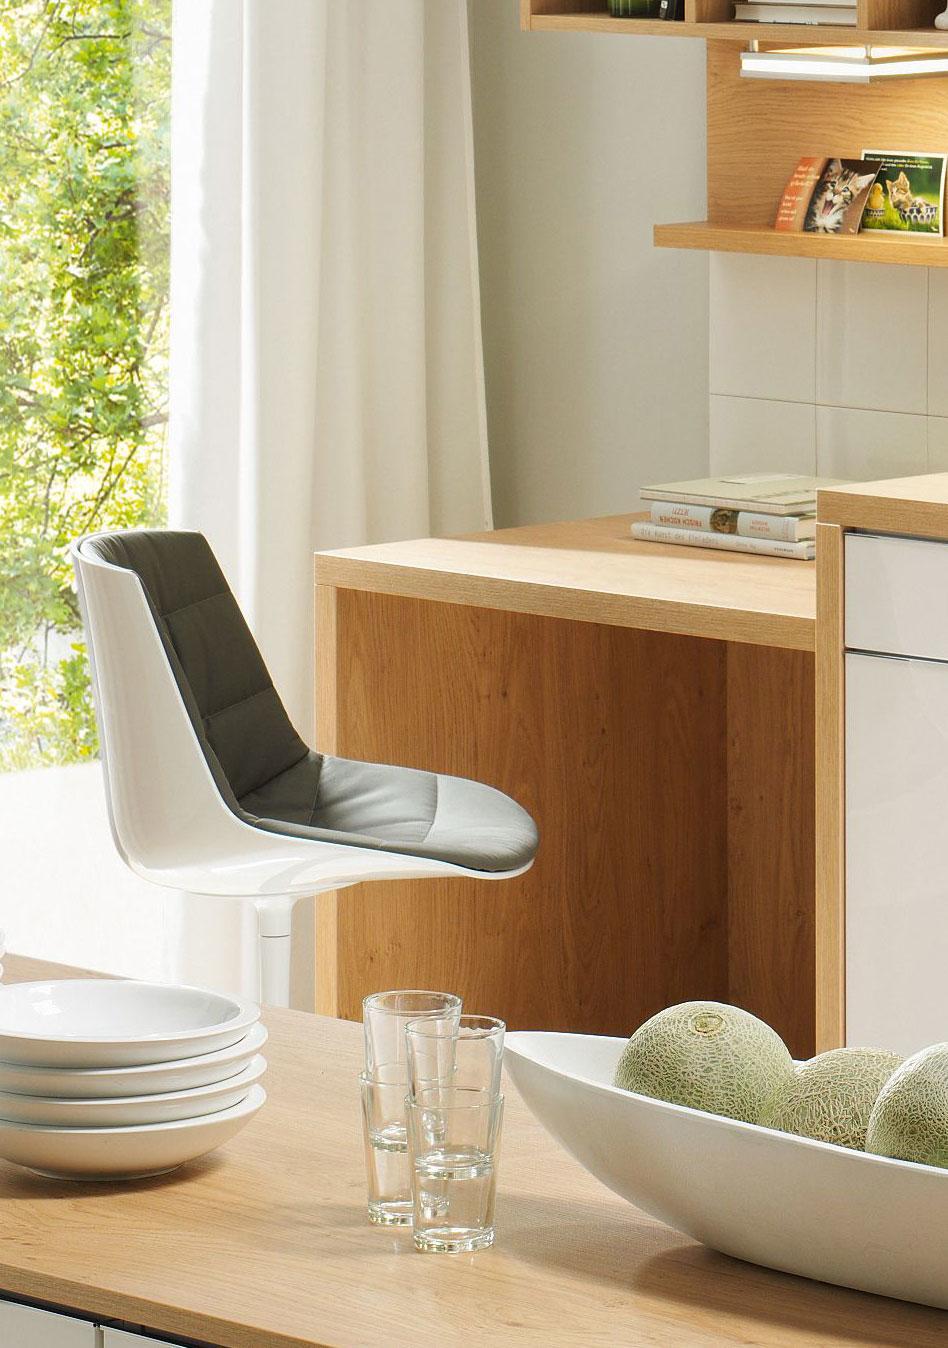 studioHR, DanKuchen Chromform kuhinja bijele boje visokog sjaja, slika 02